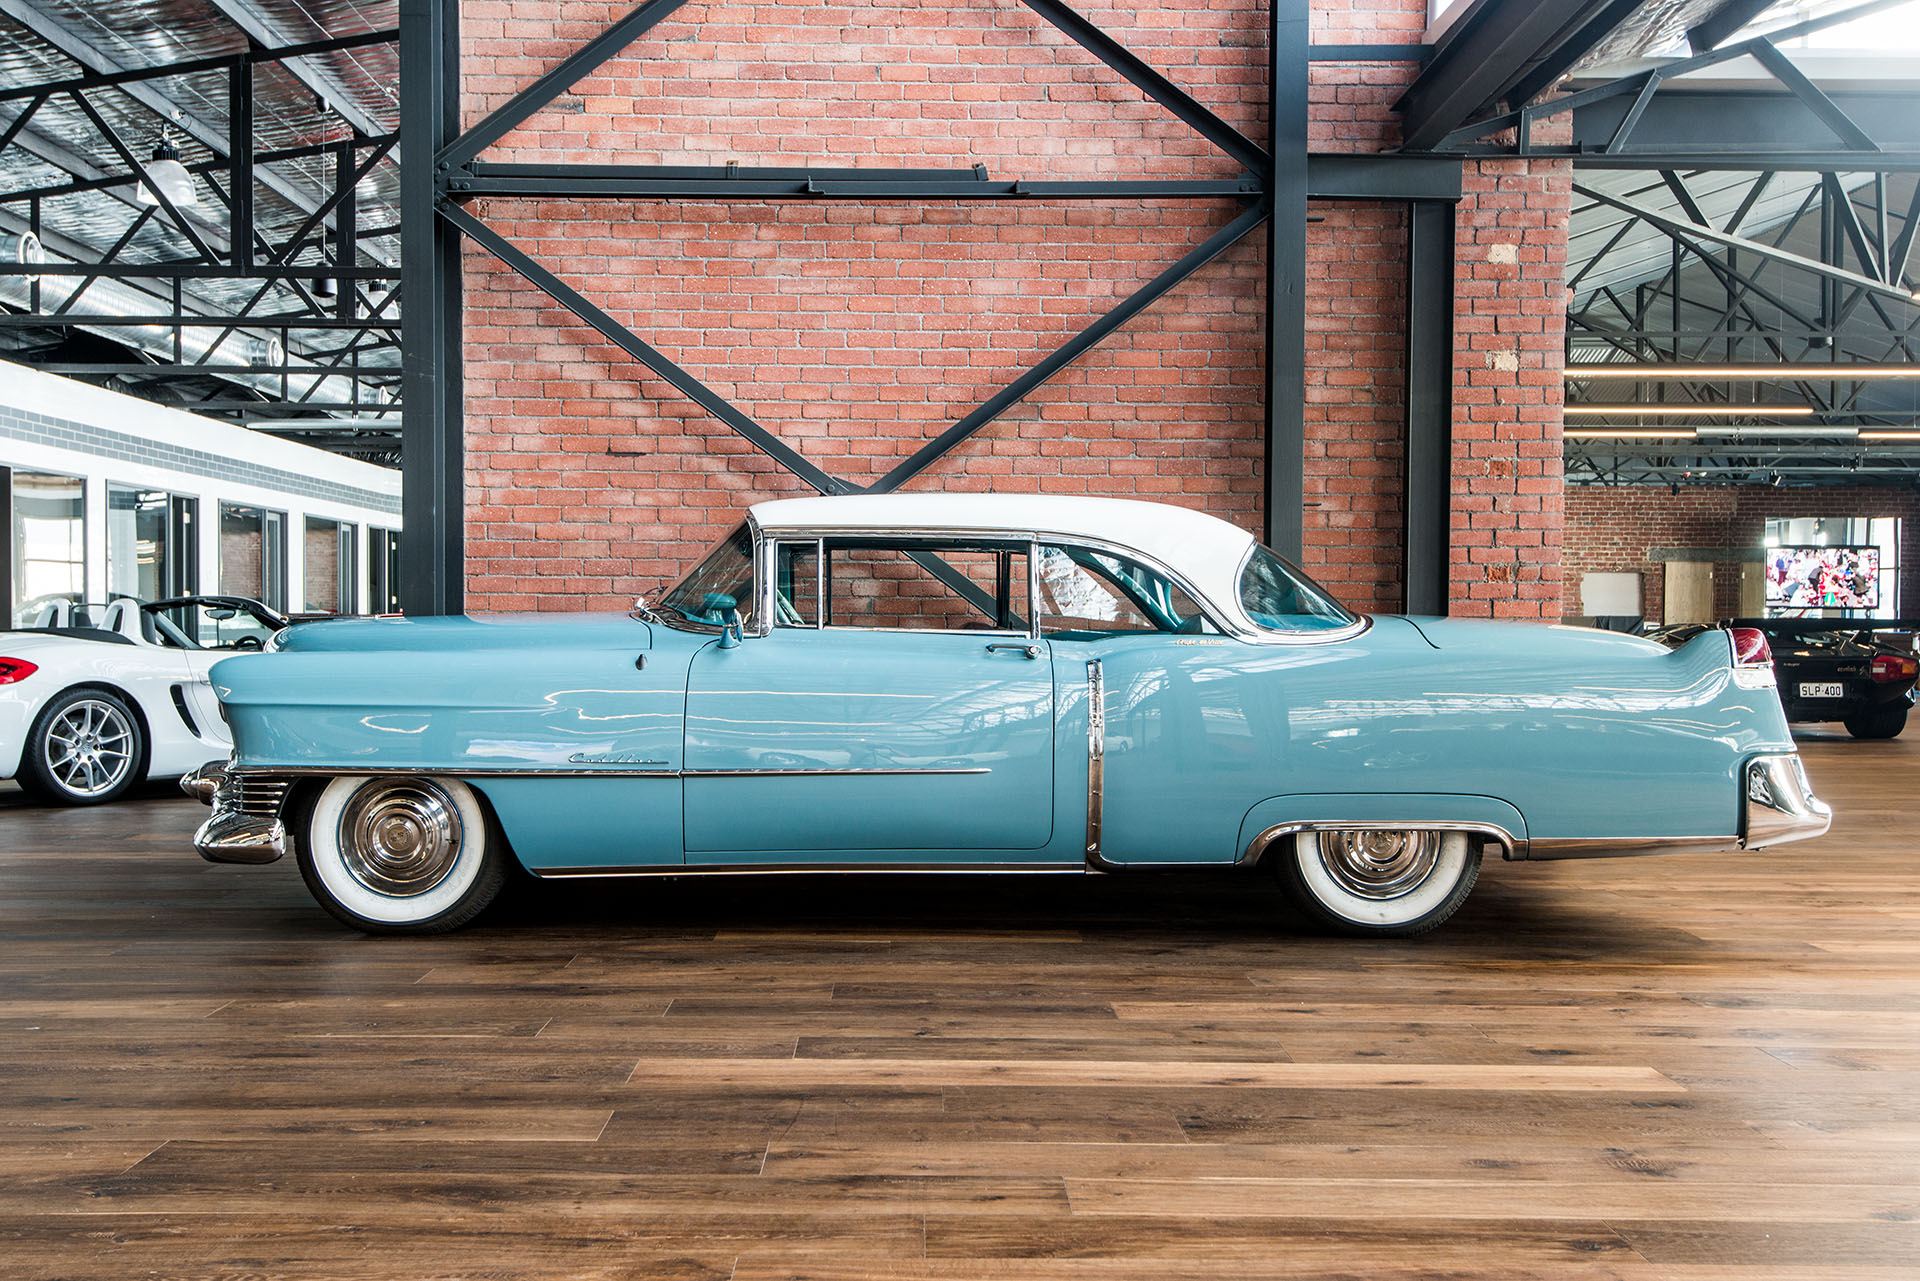 1954 Cadillac Coupe De Ville - Richmonds - Classic and